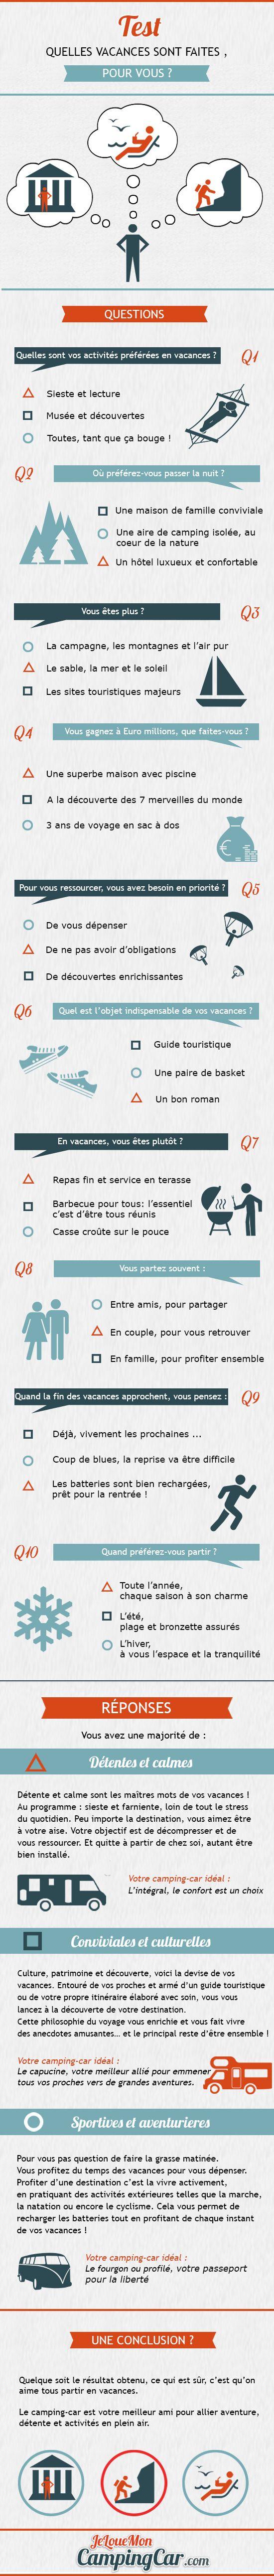 Infographie test - Trouvez le type de vacances qu'il vous faut ! travel infographie